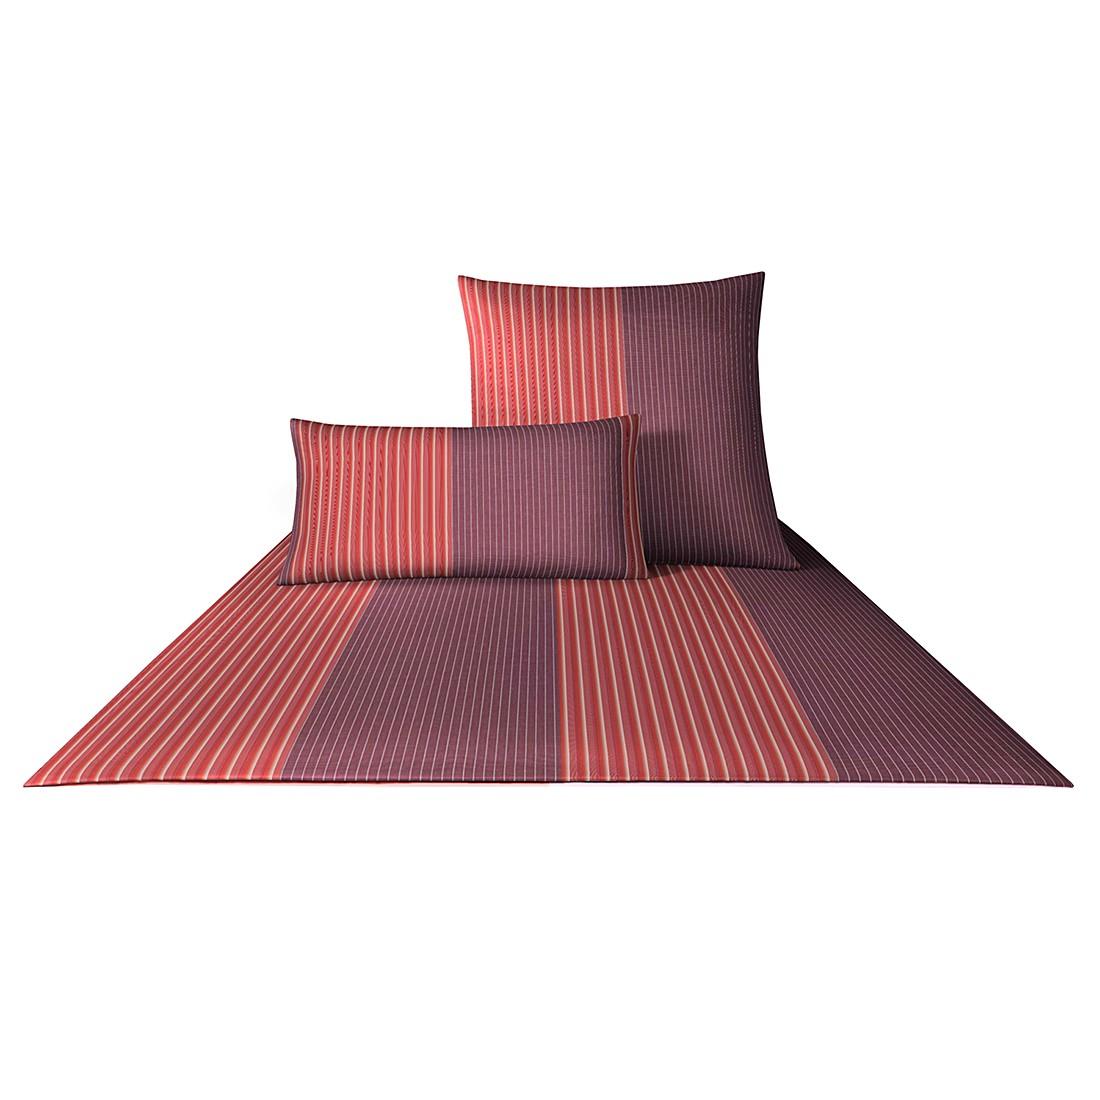 Bettwäsche Mako-Satin Double Stripes 4054 – Baumwolle – Grenadine – Kissen 40×80 cm, Joop online bestellen